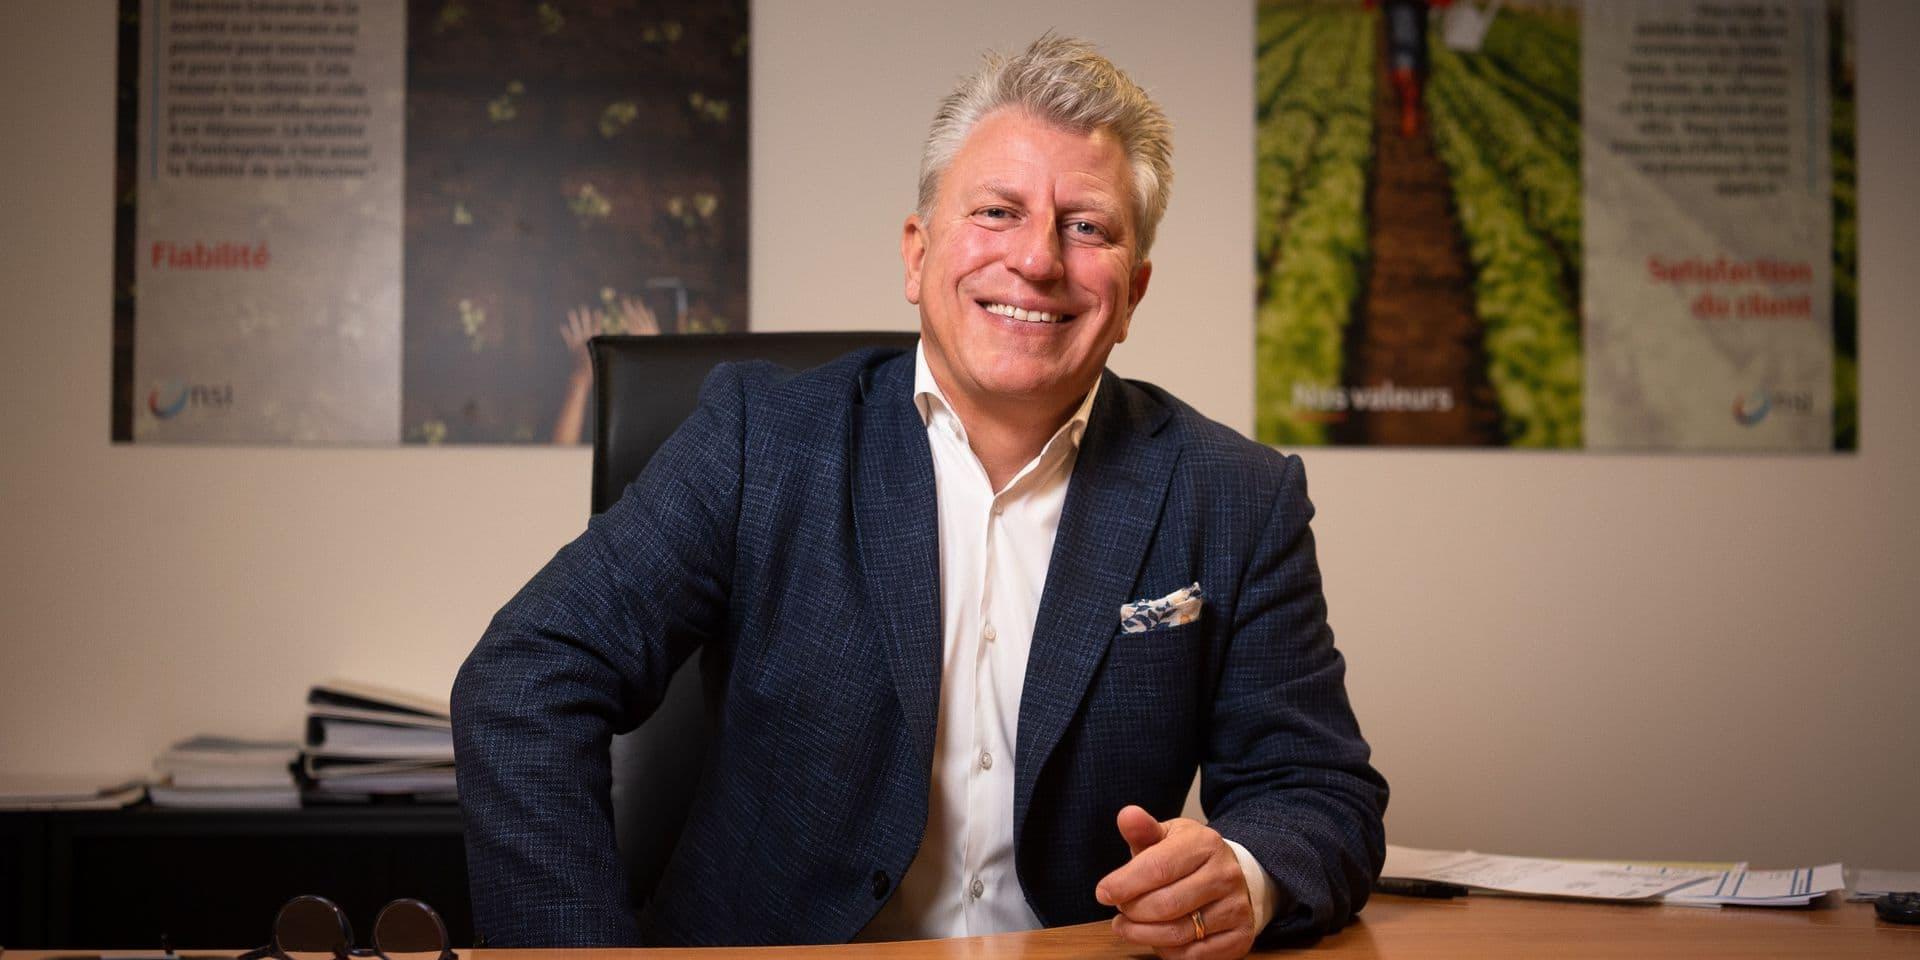 Manuel Pallage, 54 ans, occupait le poste de directeur général au sein de NSI depuis 2010.